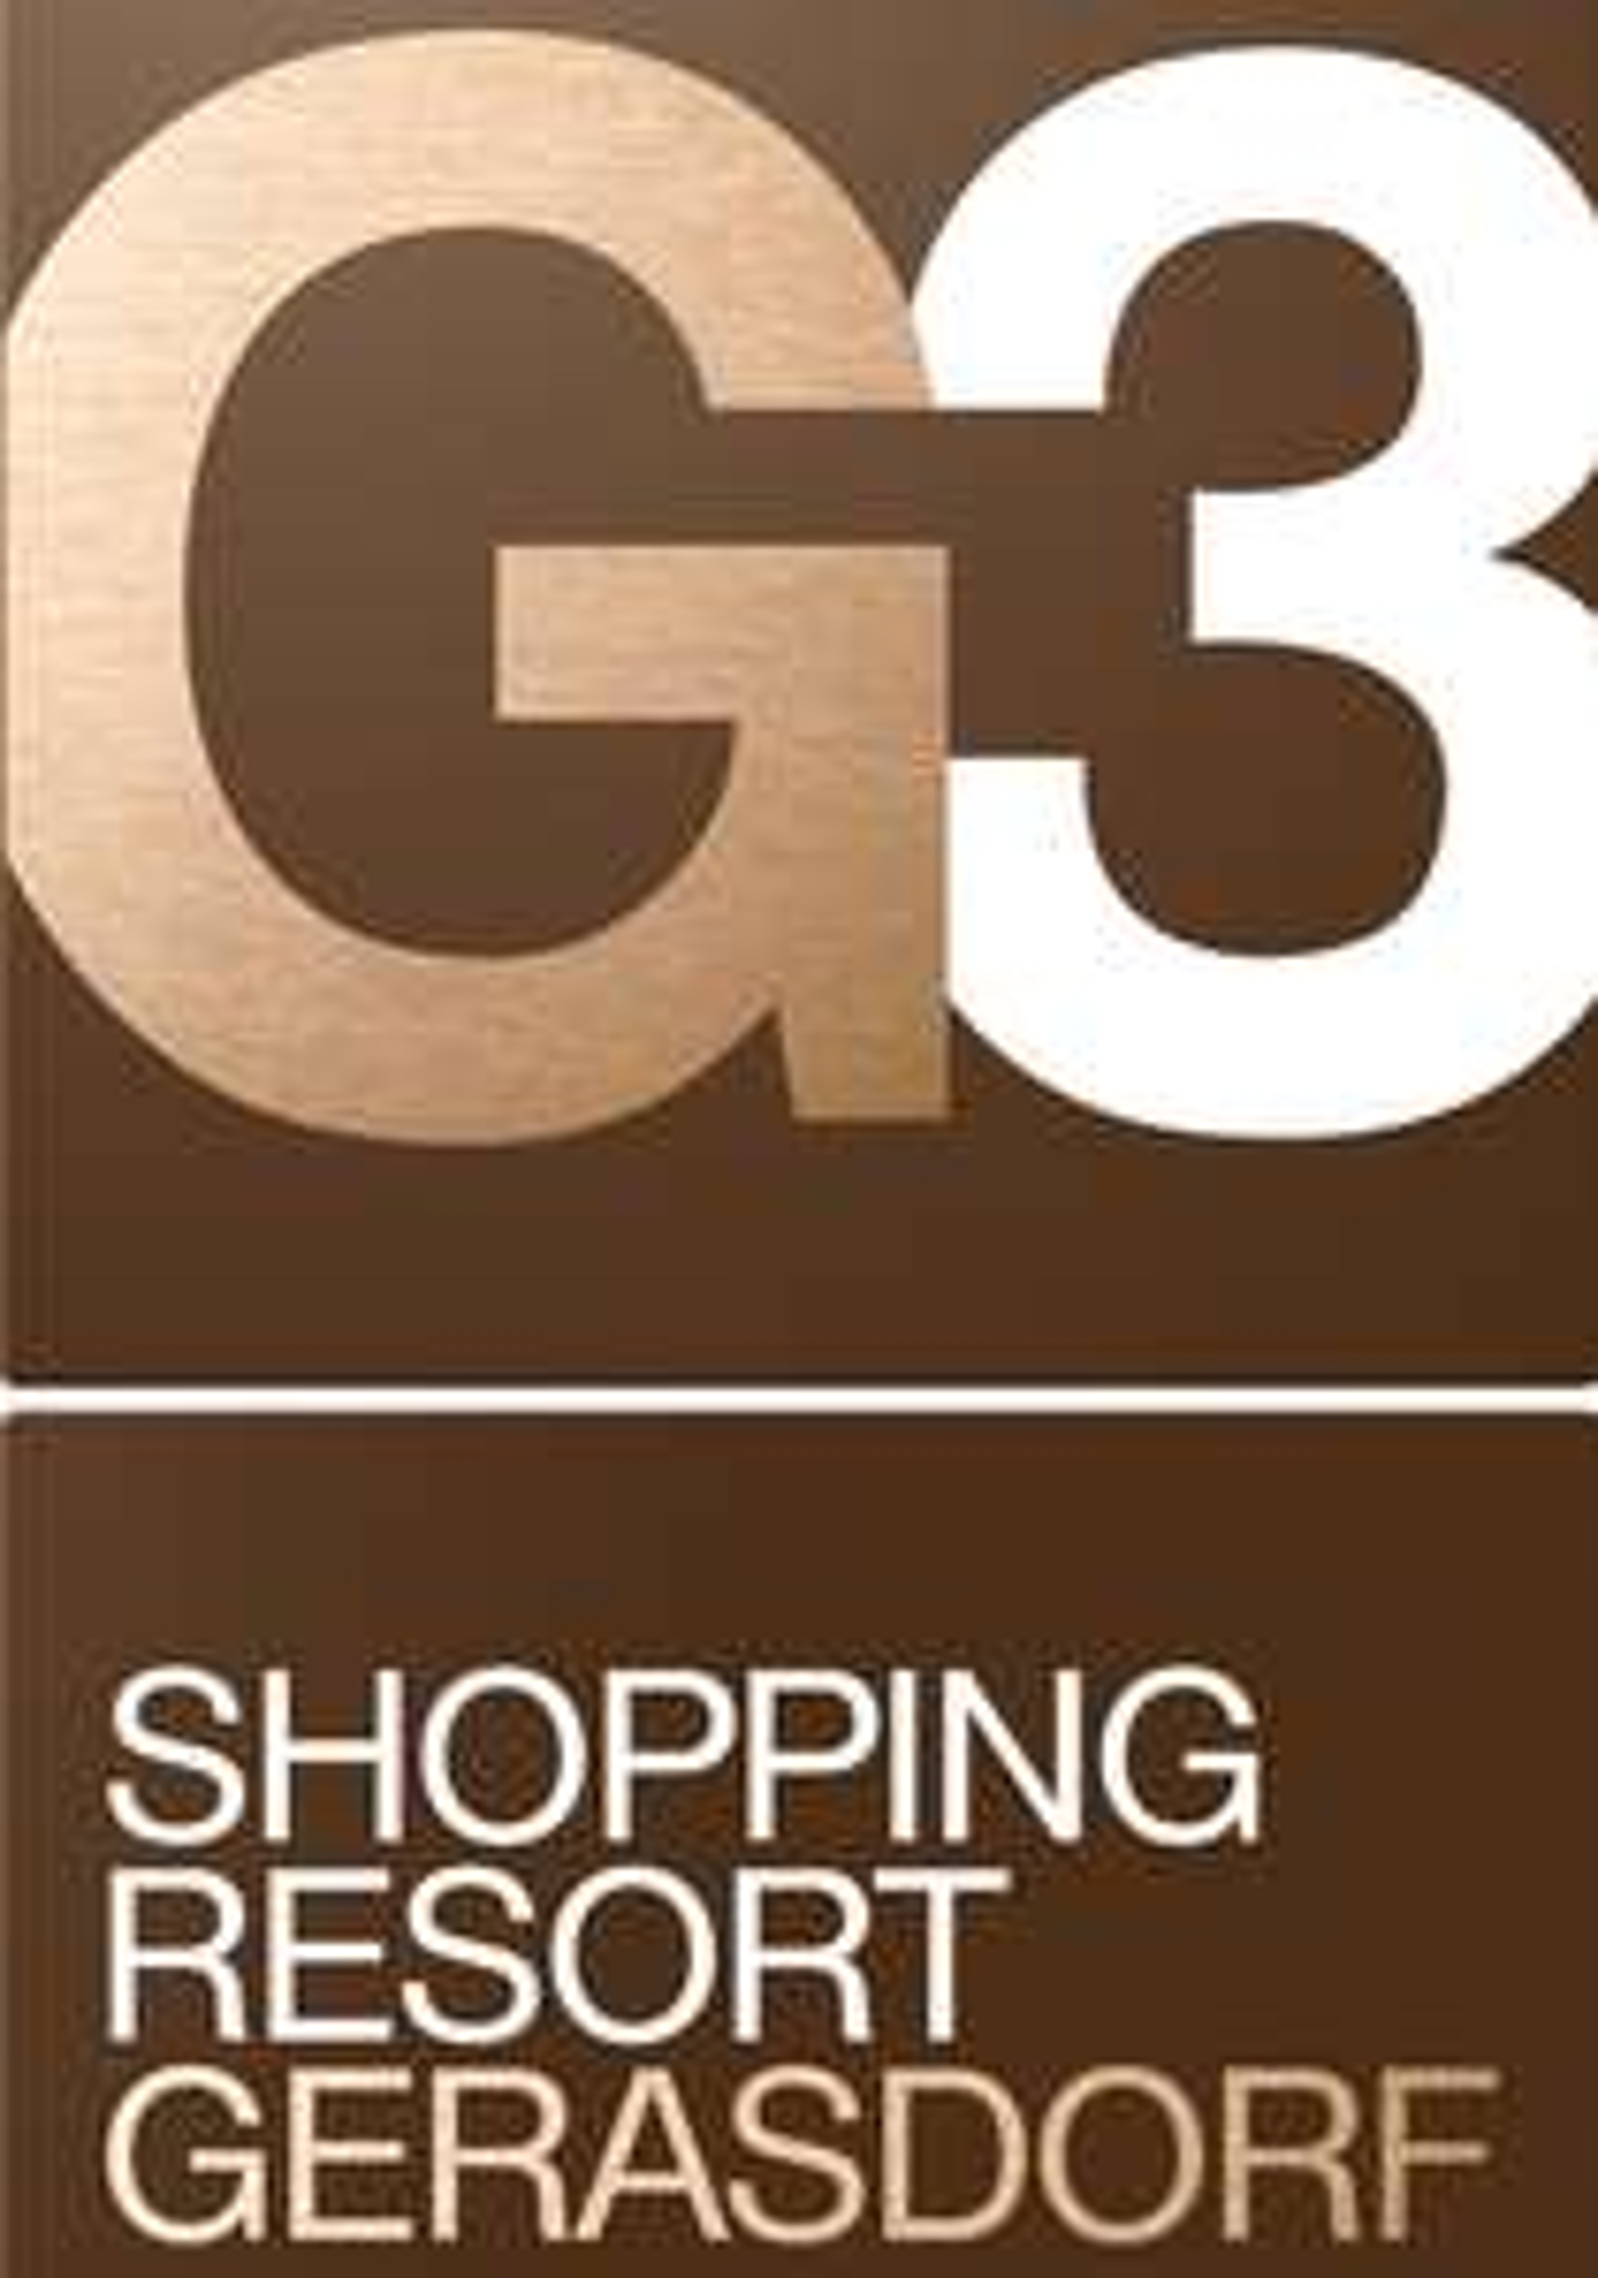 G3 Shopping Resort: 30 € Gutschein um 25 € kaufen